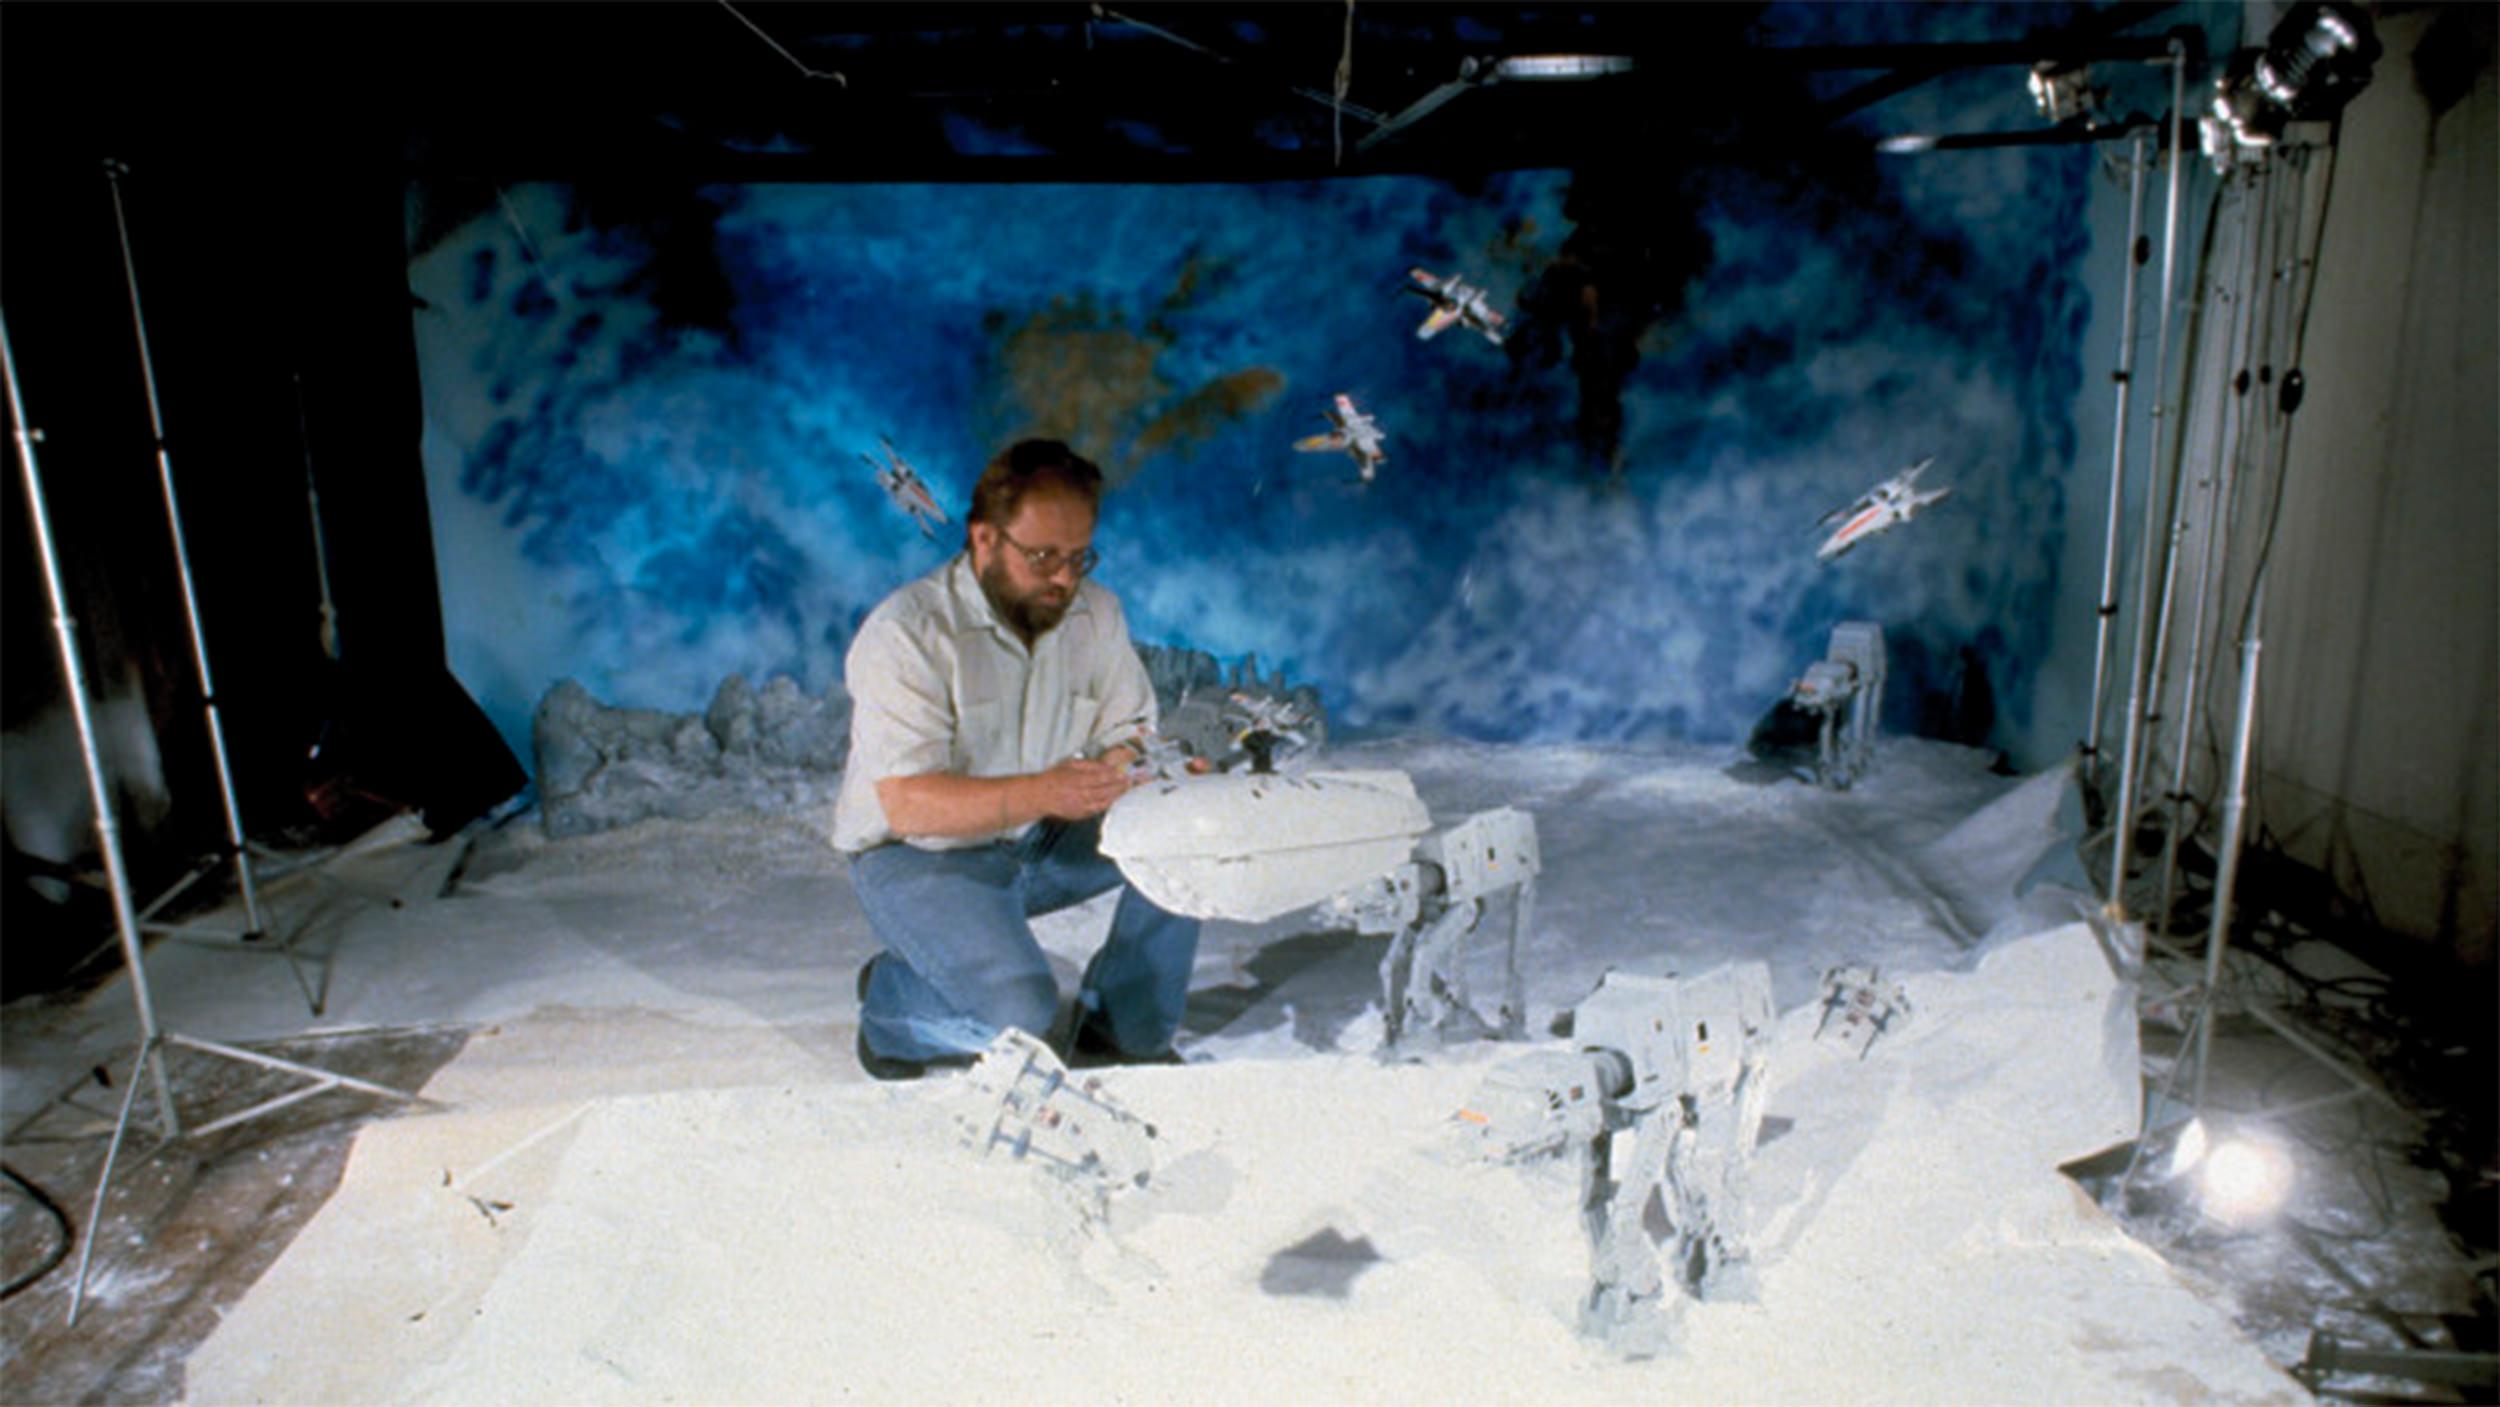 Kim Simmons at work at his Cincinnati, OH studio in late '70s